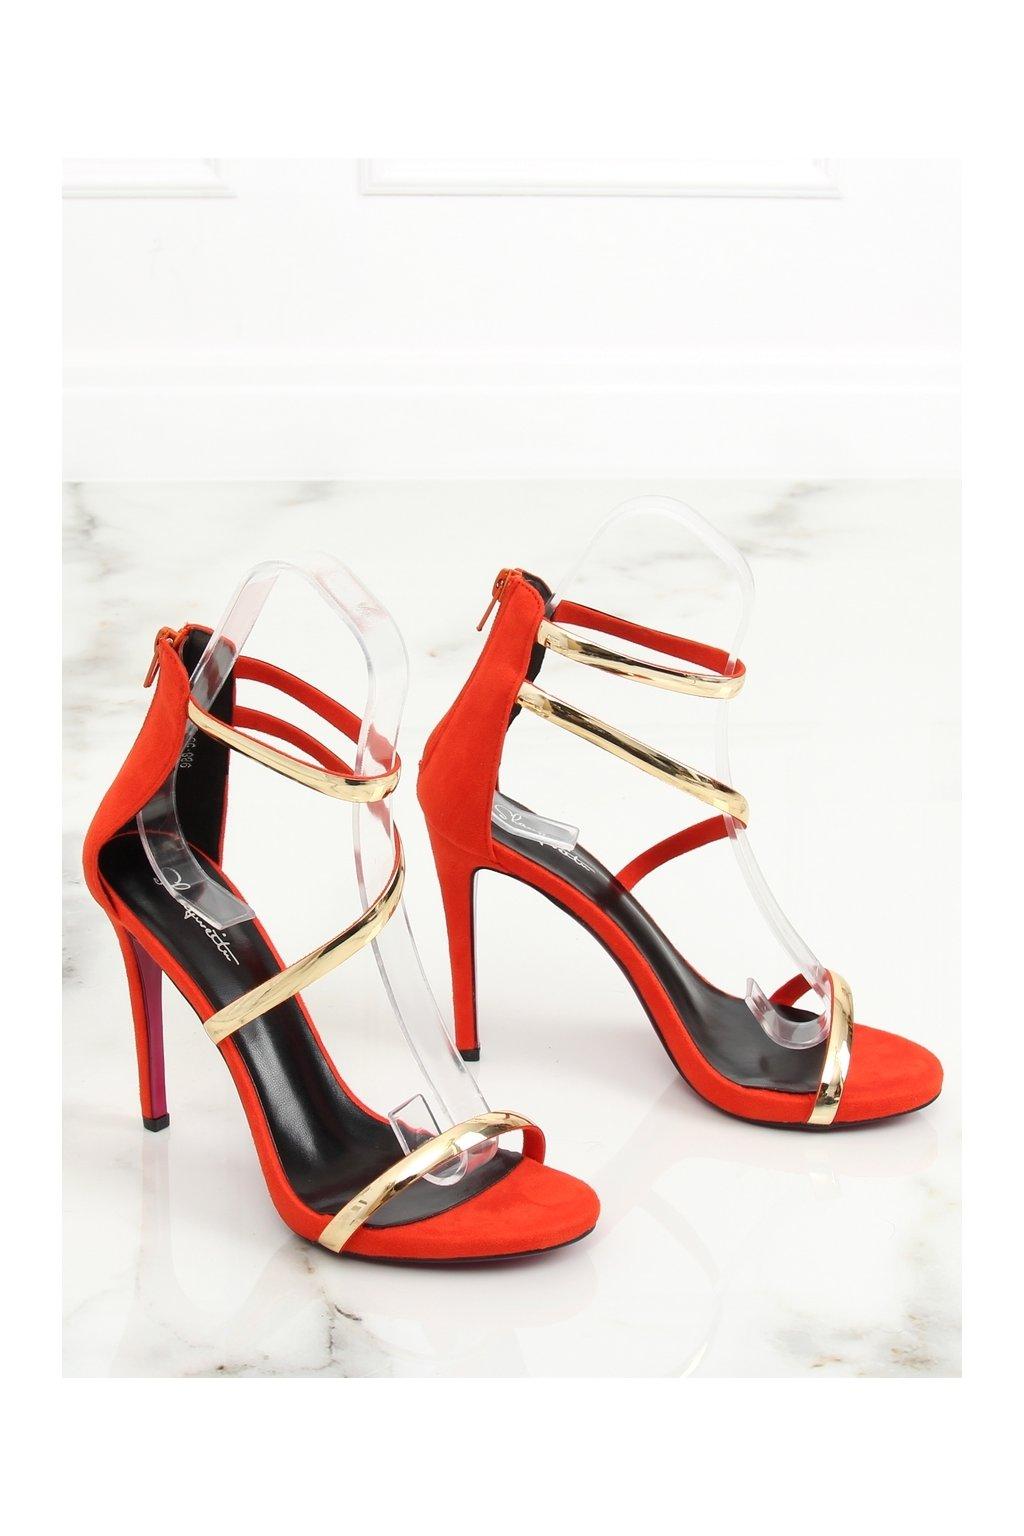 273463 zmyselne damske oranzove sandale 988 58 big